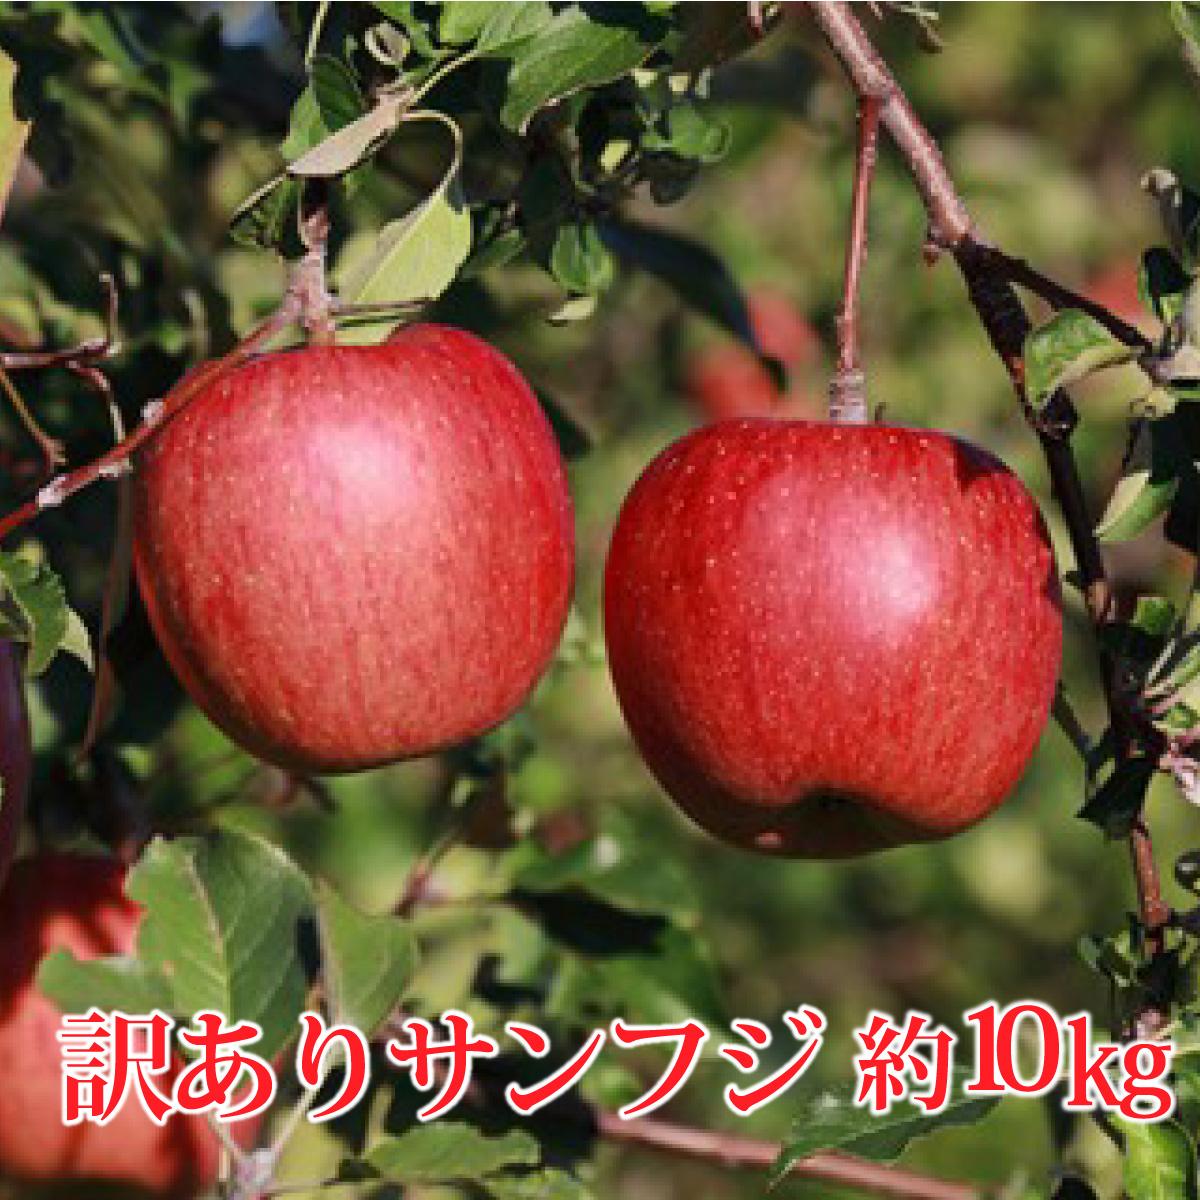 【ふるさと納税】【先行予約】≪11月上旬~順次発送≫サンふじ 約10kg(訳あり)【果物類・林檎・りんご・リンゴ】